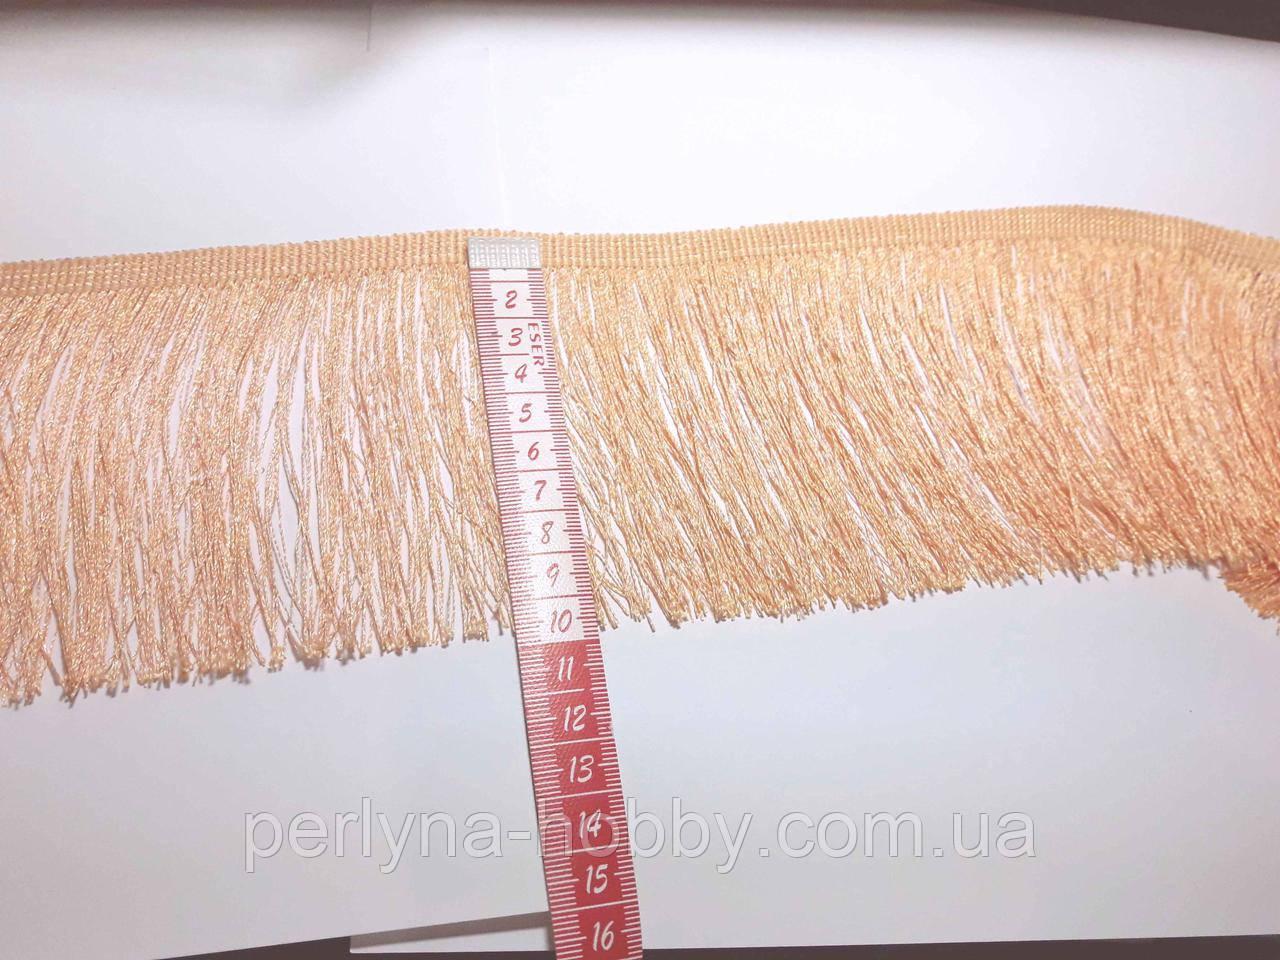 Бахрома декоративна шовкова різана  10 см, абрикосова пастельна